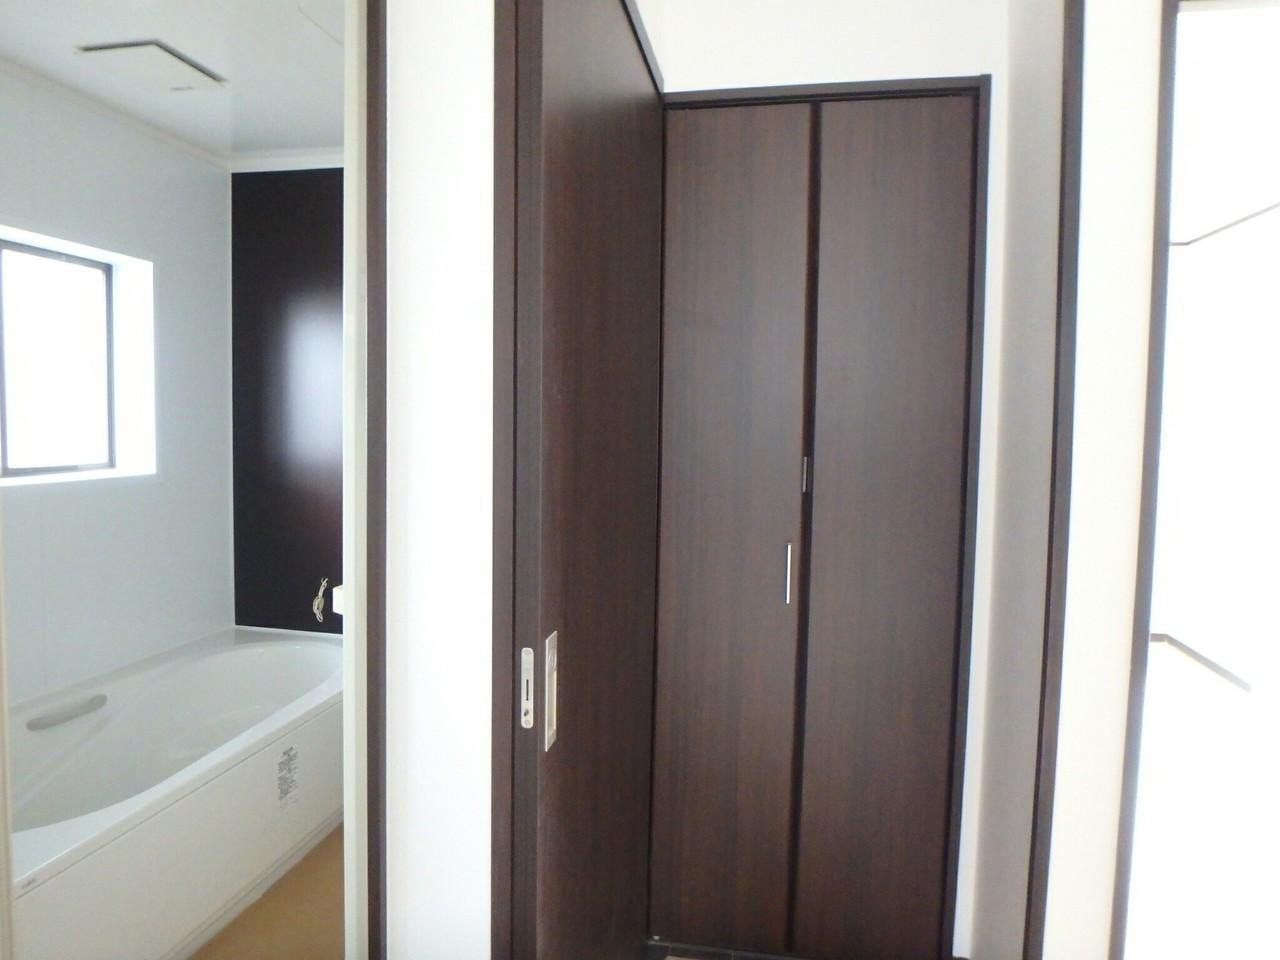 トイレも新しくリフォーム済です。 白を基調とした清潔感のある仕上がりになっていますね。